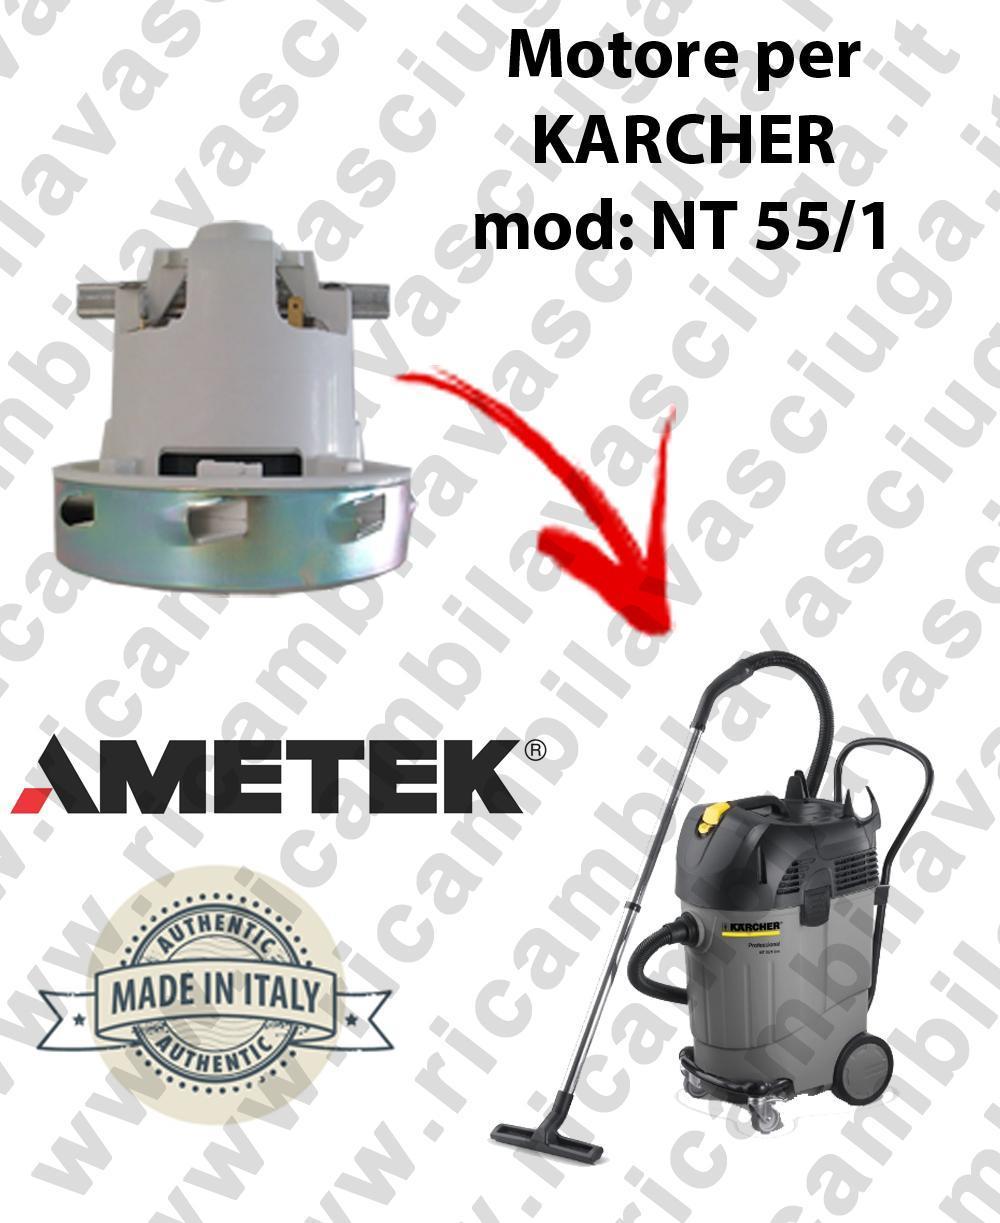 NT 55/1  MOTEUR ASPIRATION AMETEK  pour aspirateur KARCHER